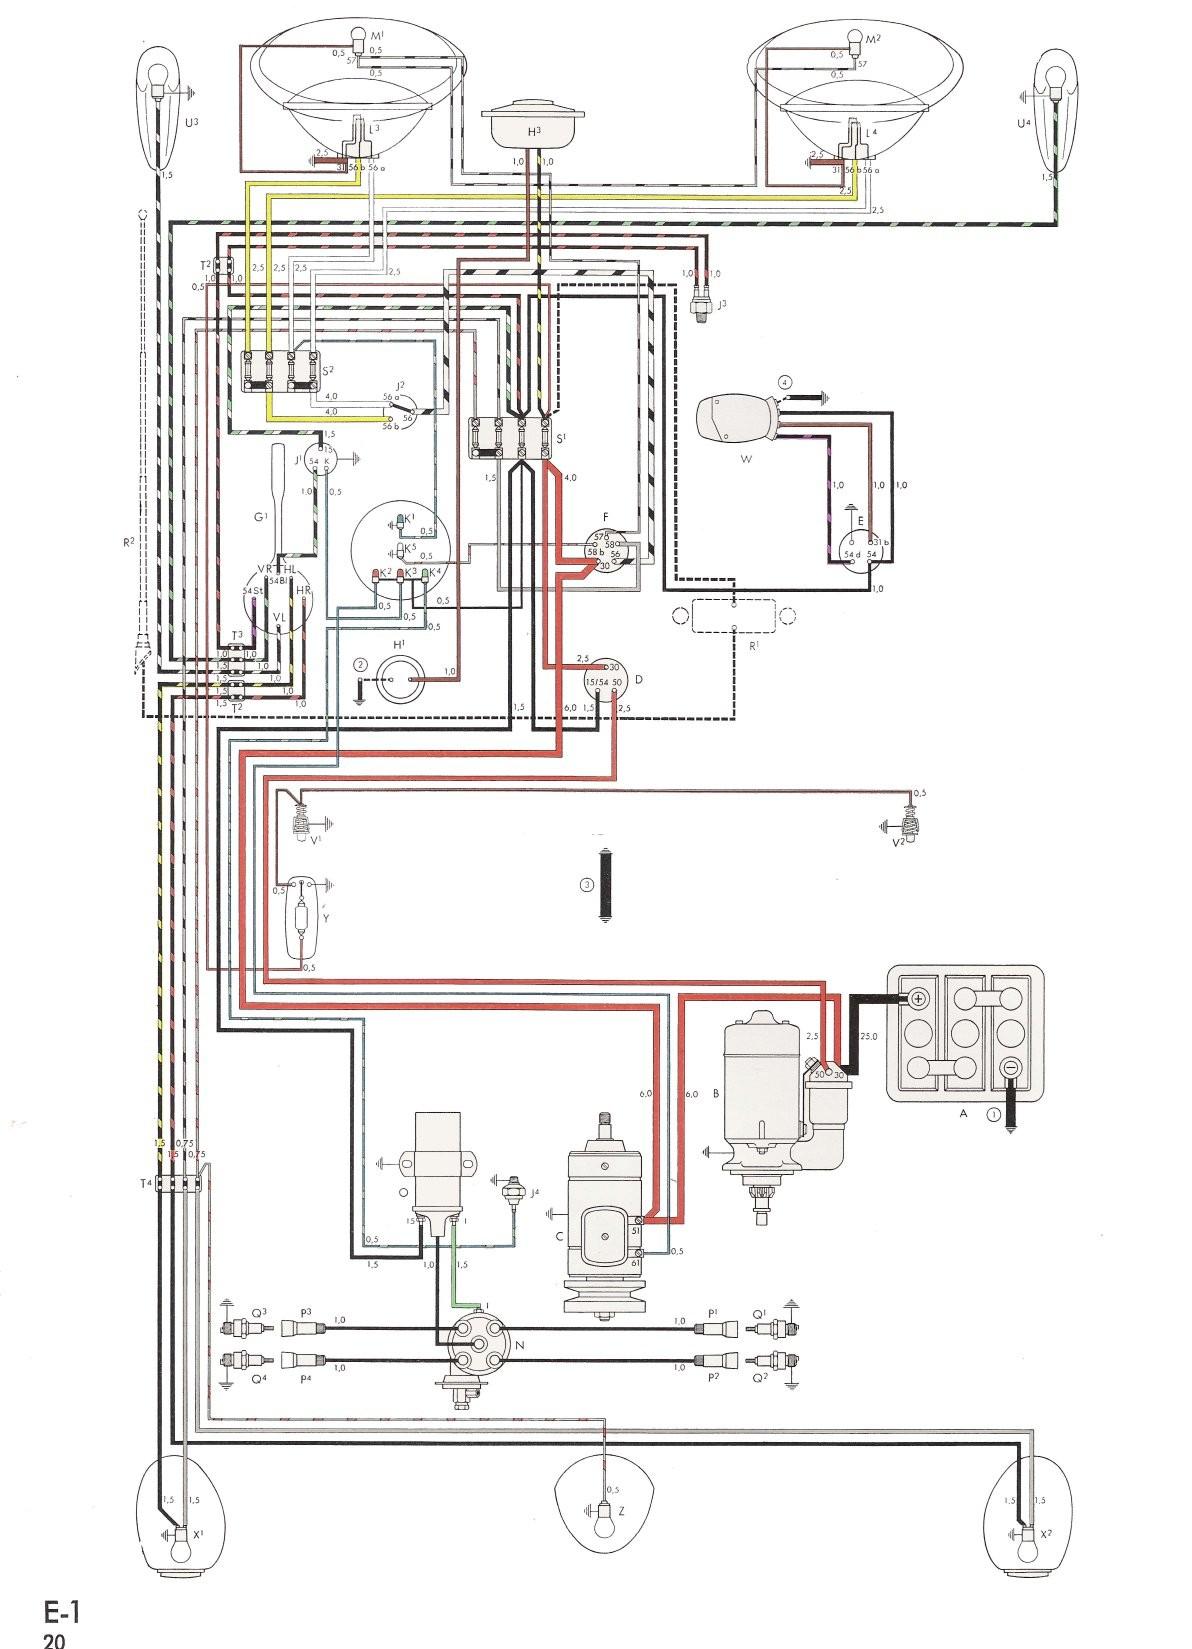 Vw Beetle Wiring Diagram Vw Kit Car Wiring Diagram Data Schematics Wiring Diagram • Of Vw Beetle Wiring Diagram